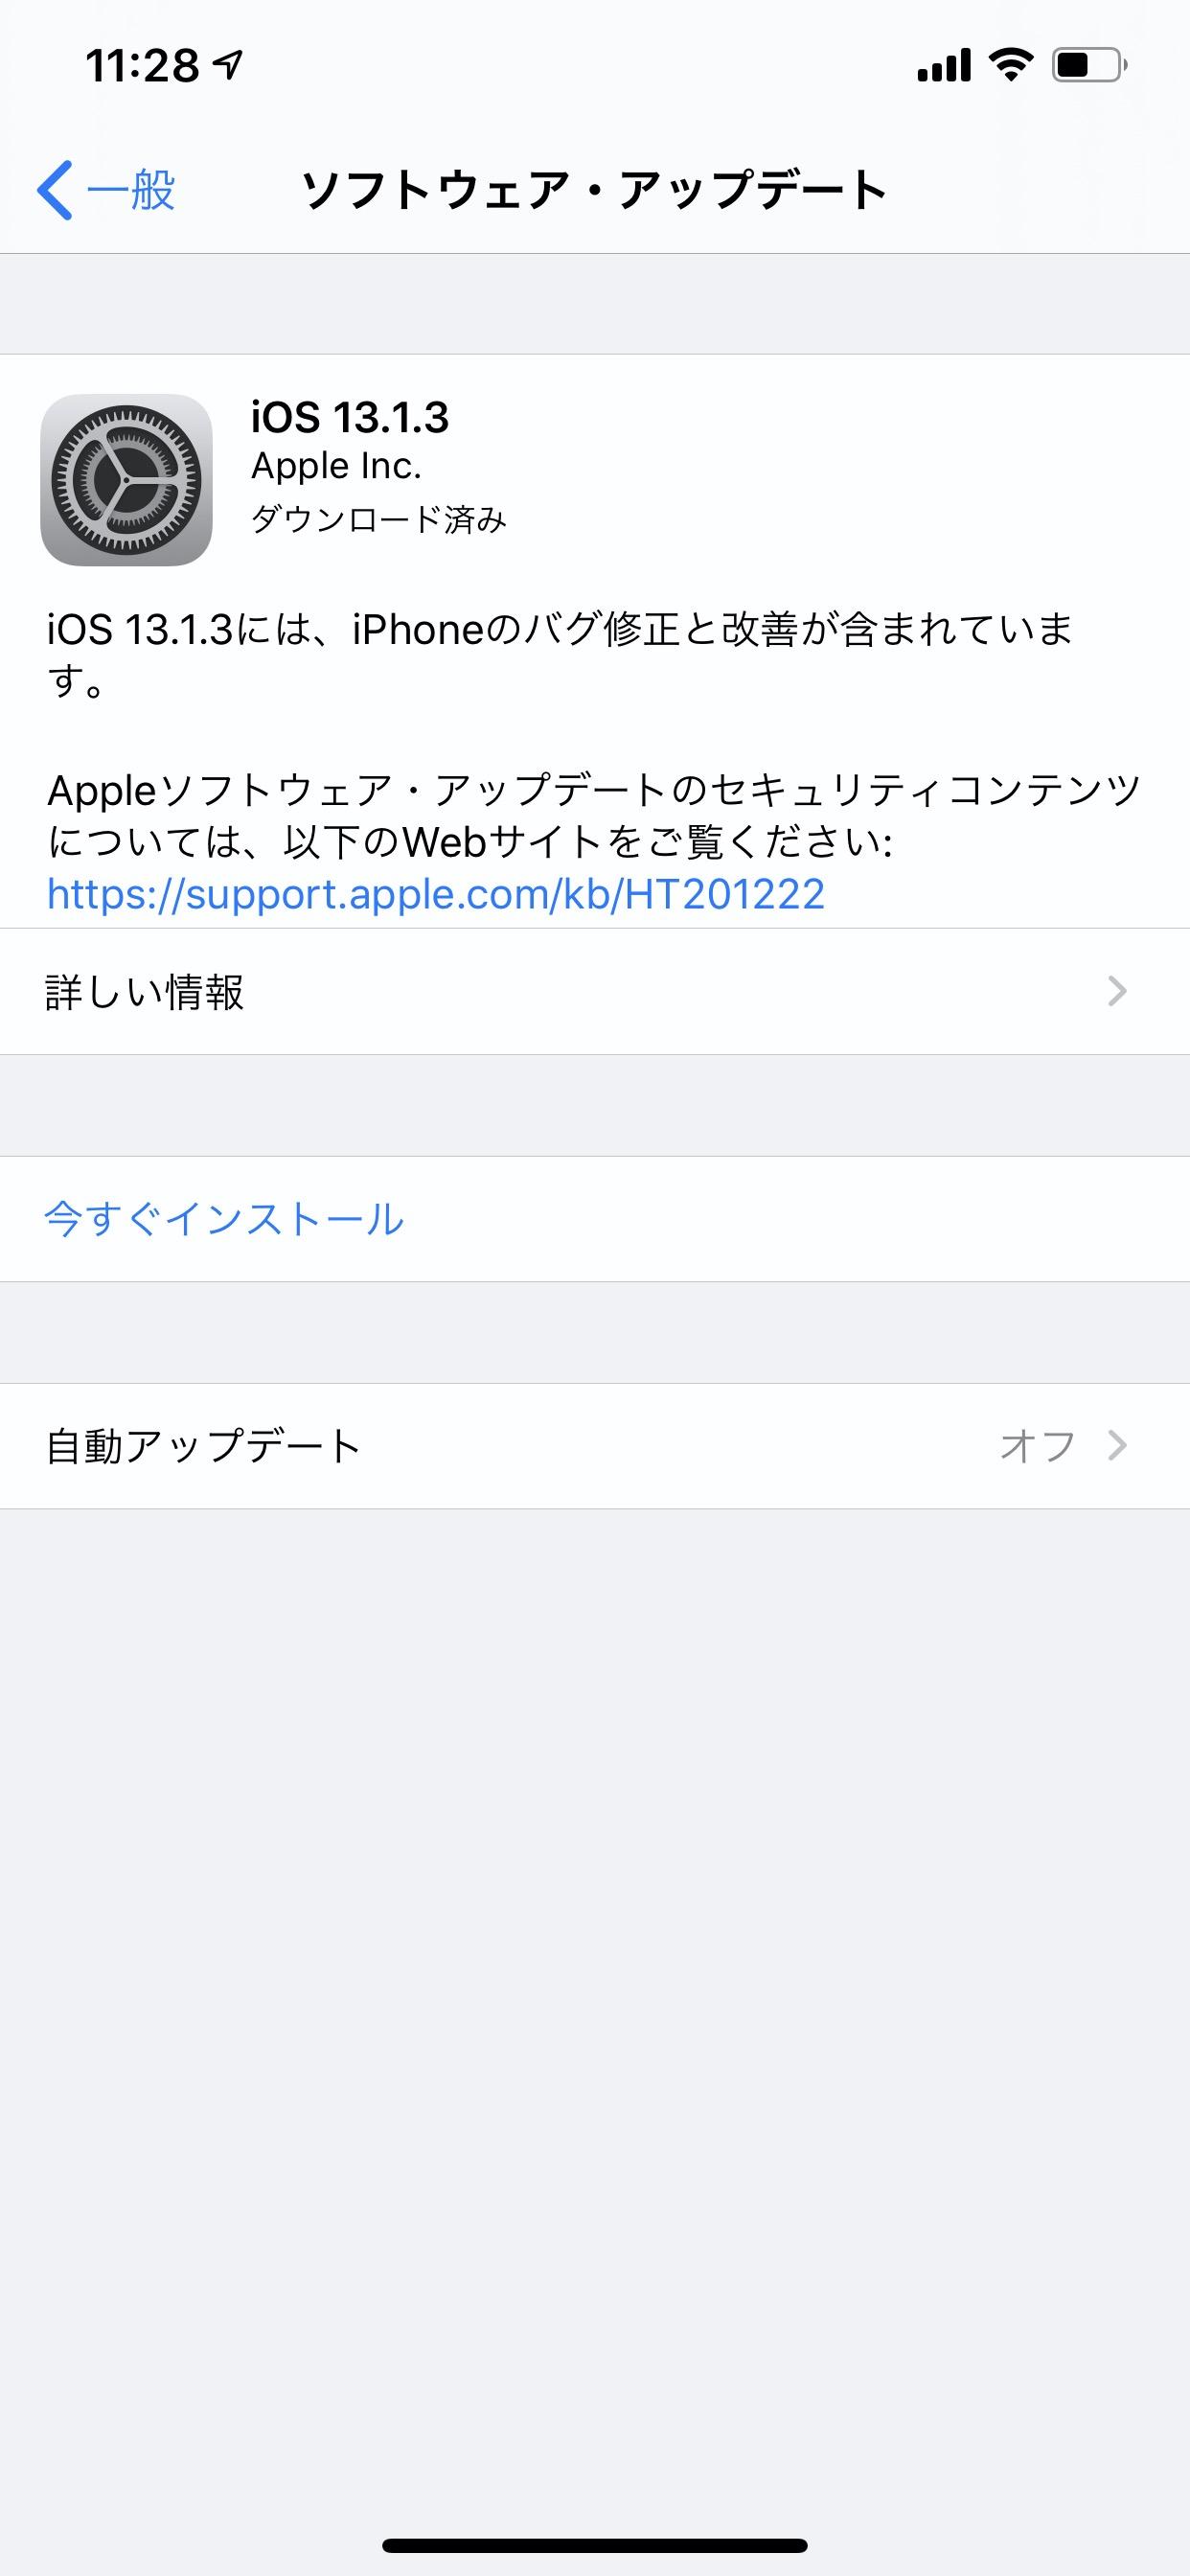 【iOS 13】バグ修正や改善が含まれる「iOS 13.1.3 ソフトウェアアップデート」リリース